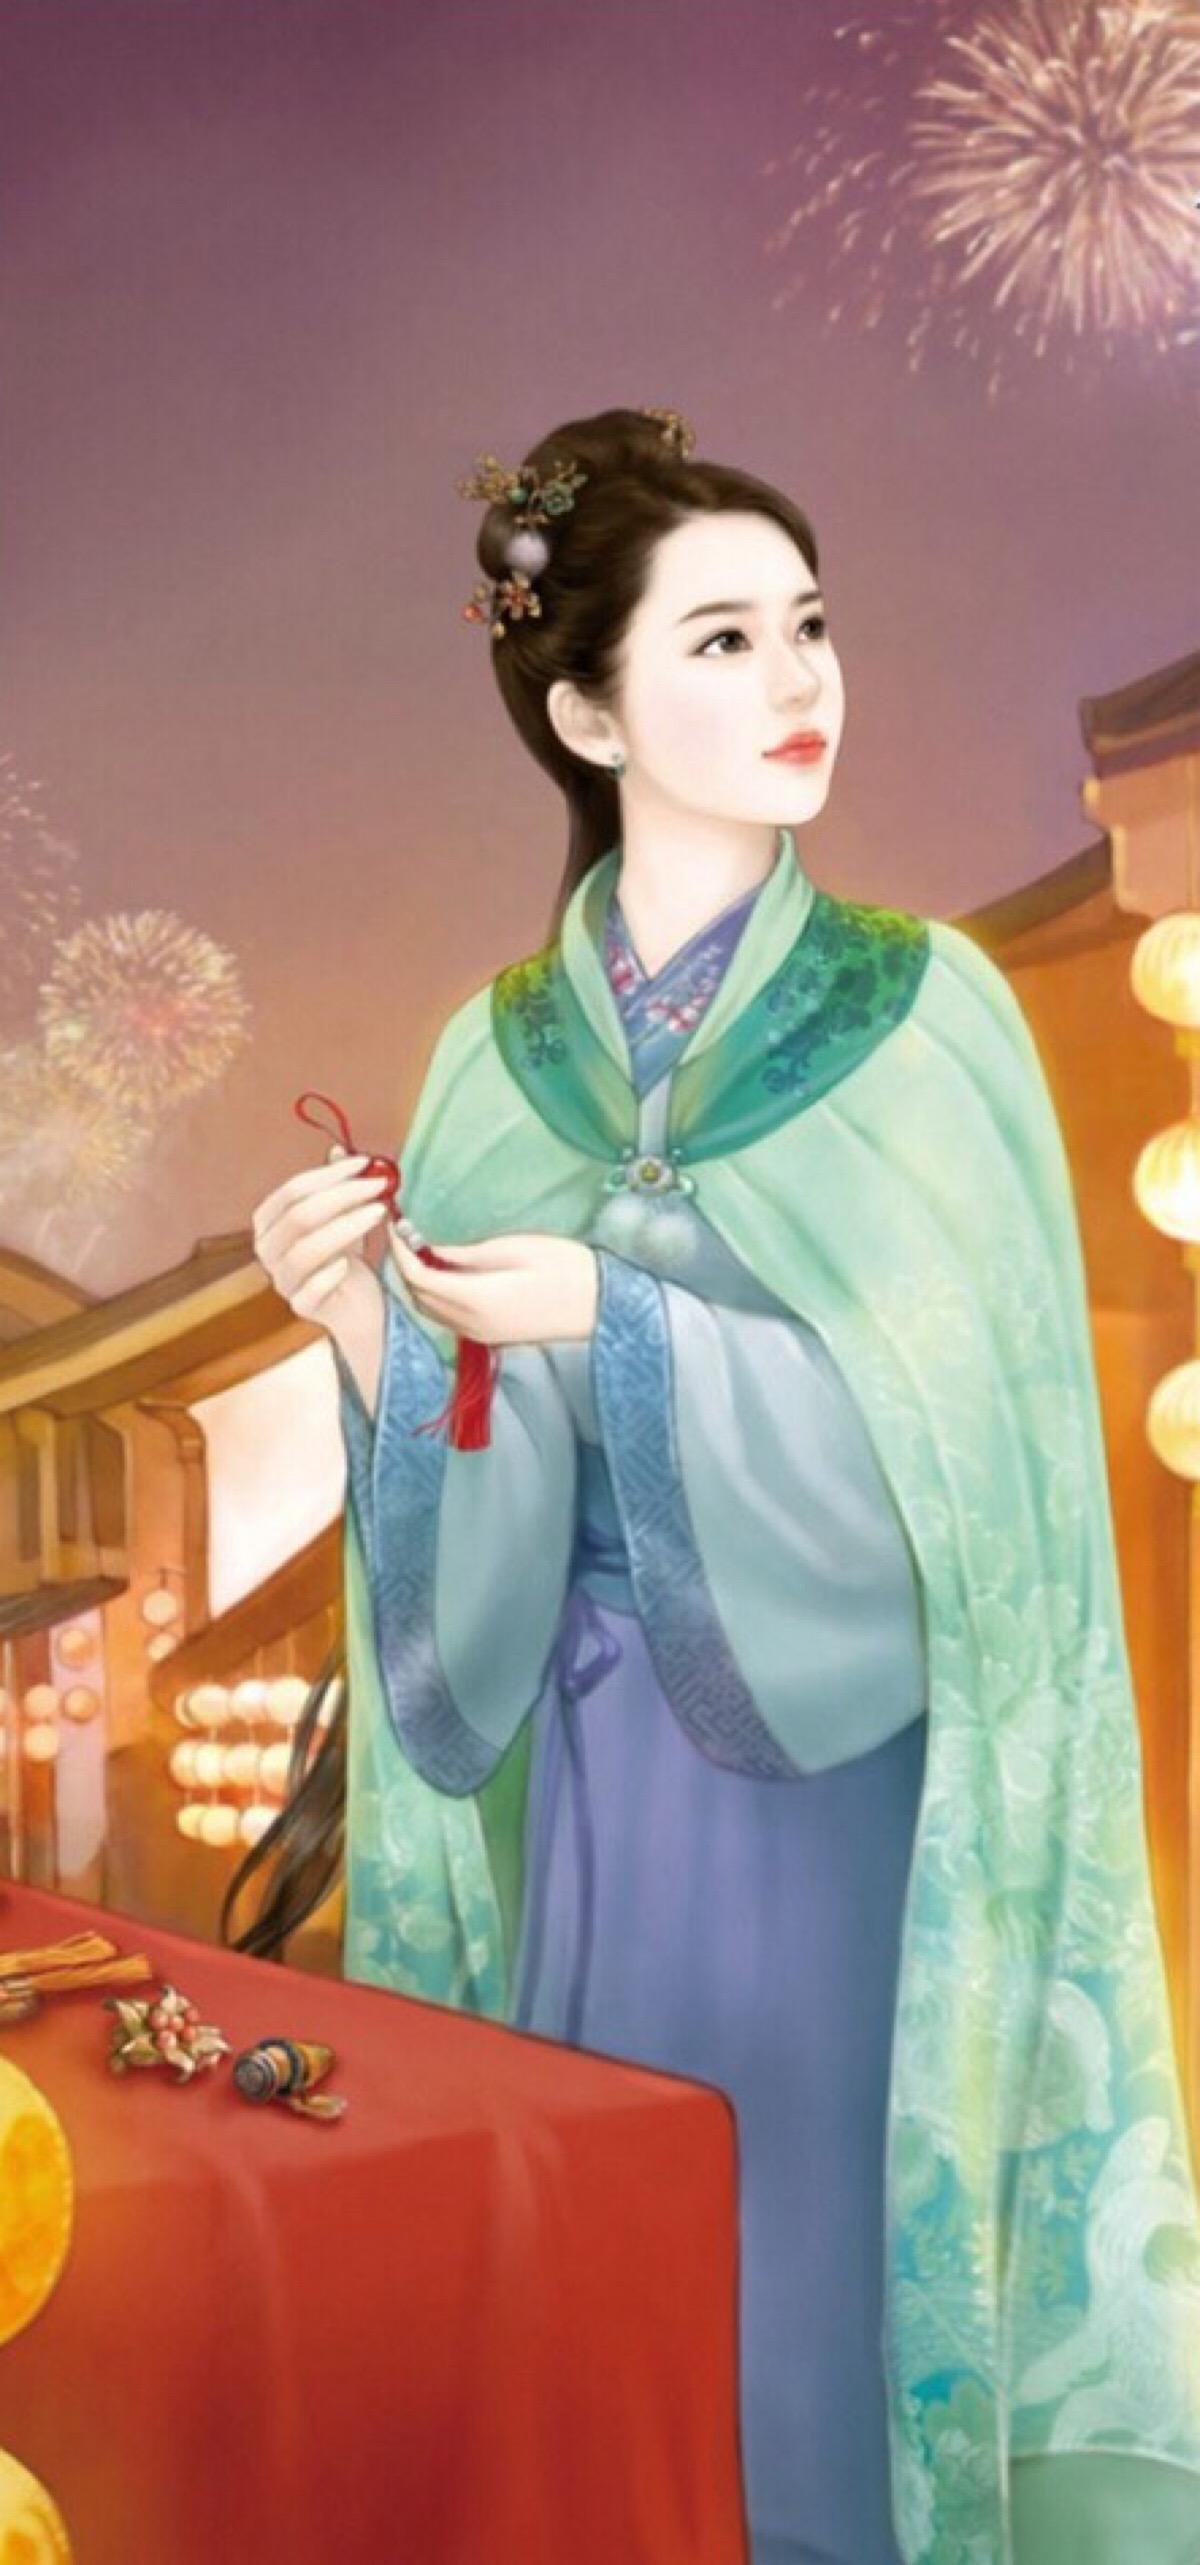 《名动江山医妃》最新免费小说在线阅读